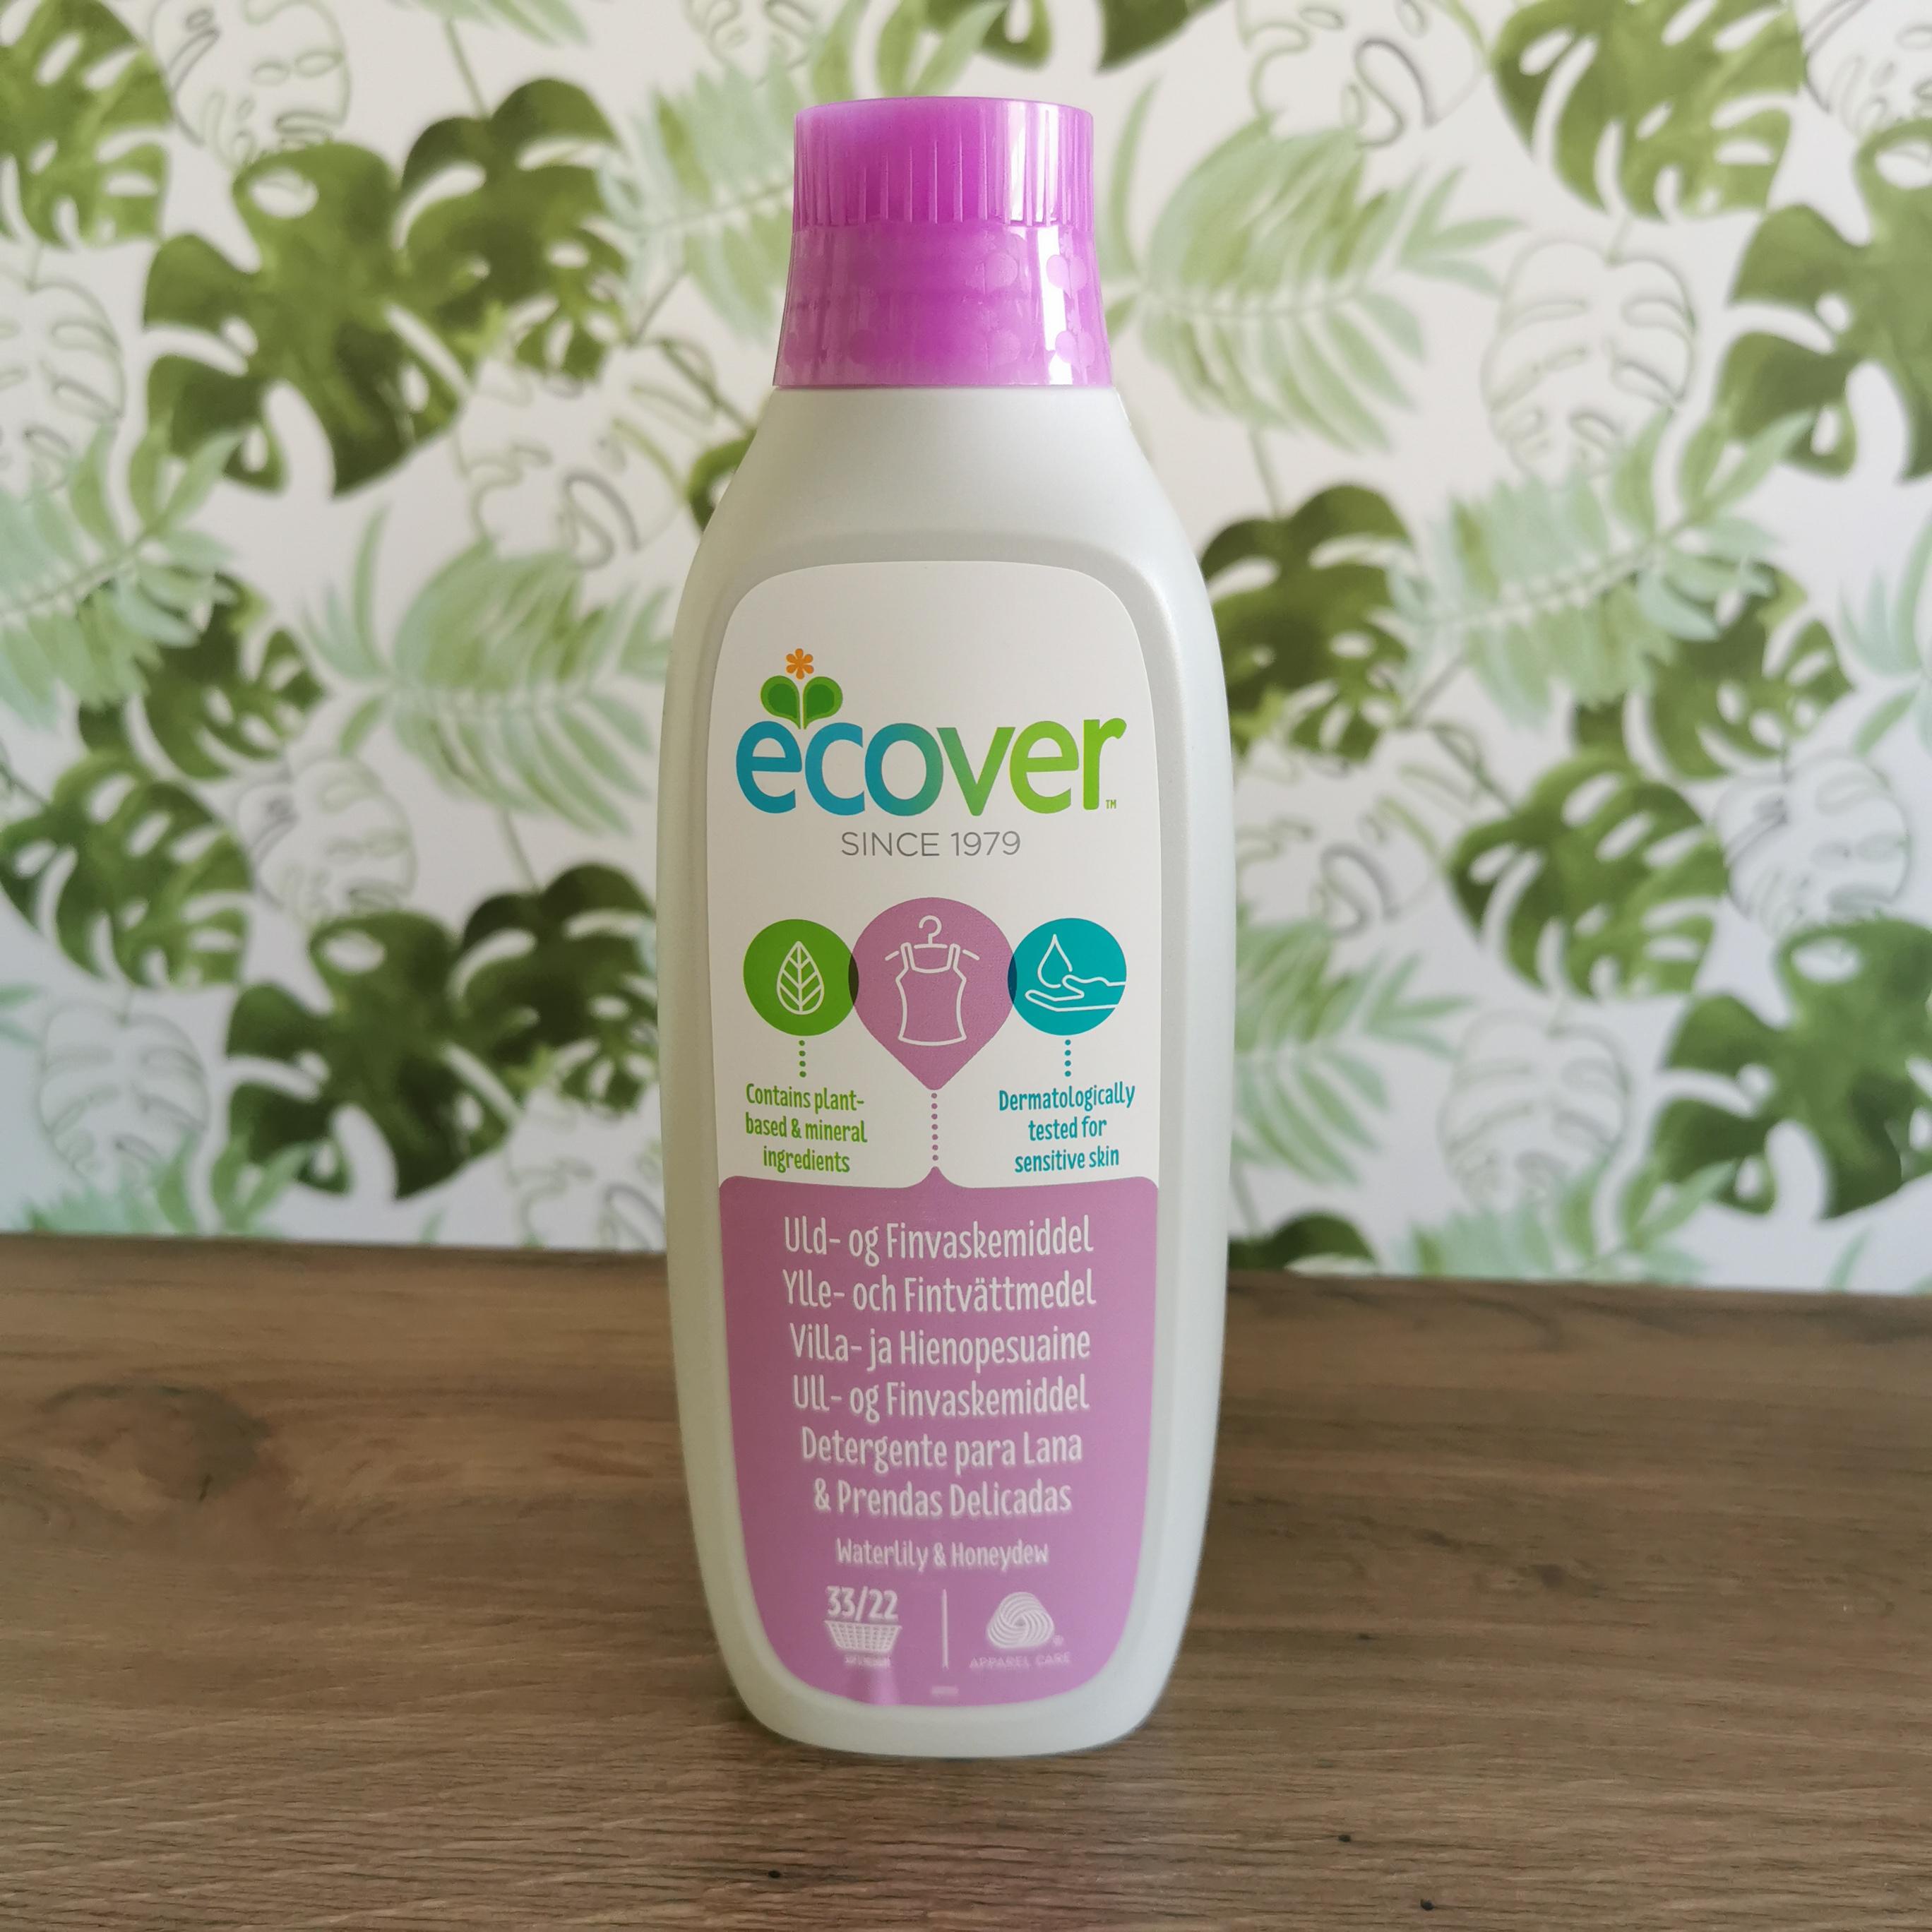 Ecover Ylle-och Fintvättmedel